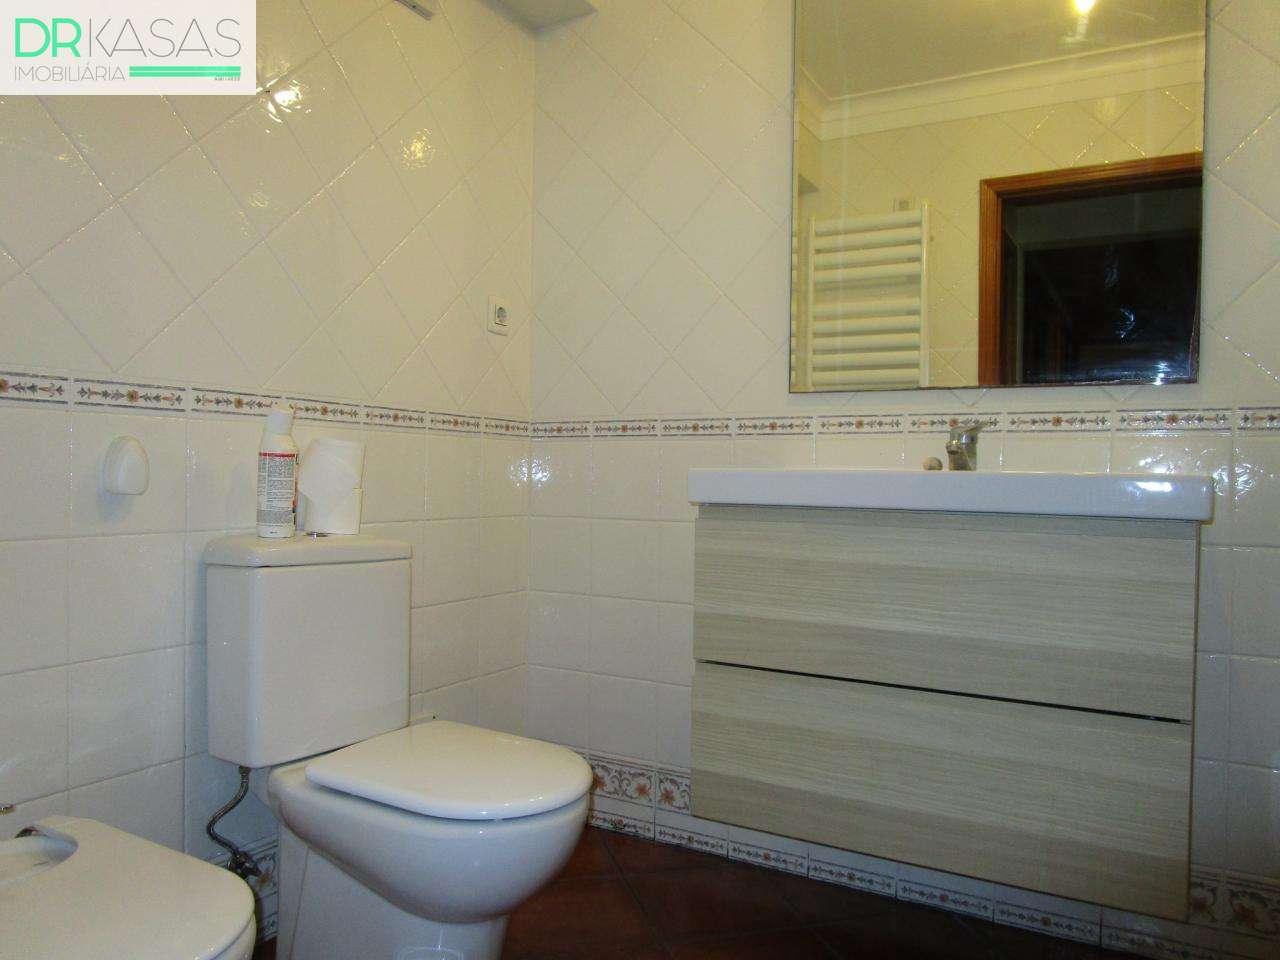 Apartamento para comprar, Barreiro e Lavradio, Barreiro, Setúbal - Foto 17